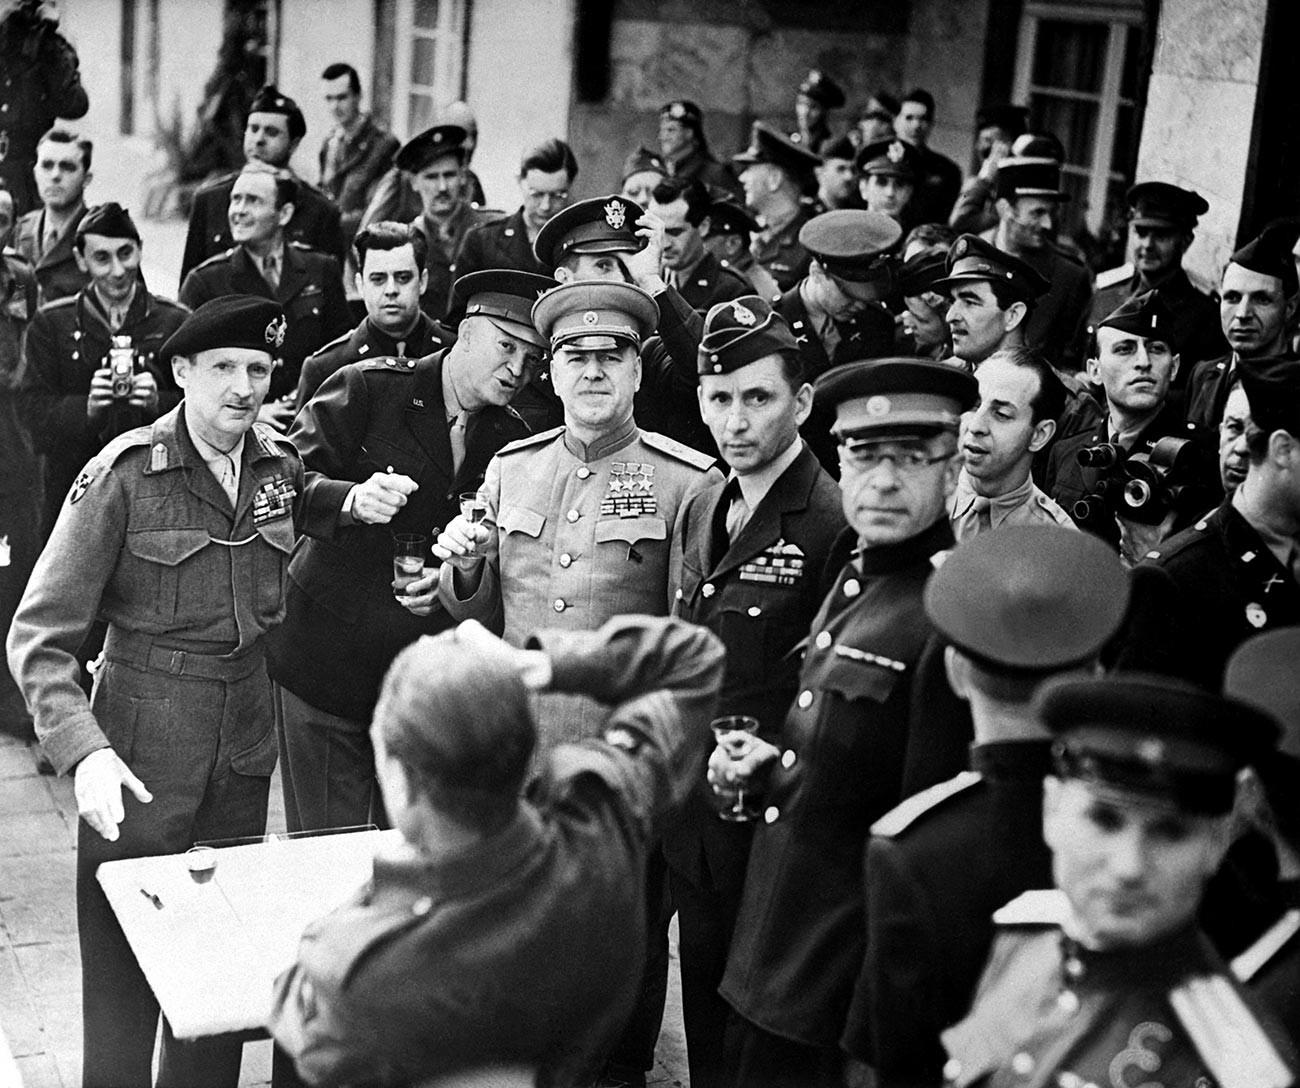 Der britische Generalfeldmarschall Bernard Montgomery wurde am 5. Juni 1945 mit dem Siegesorden ausgezeichnet.